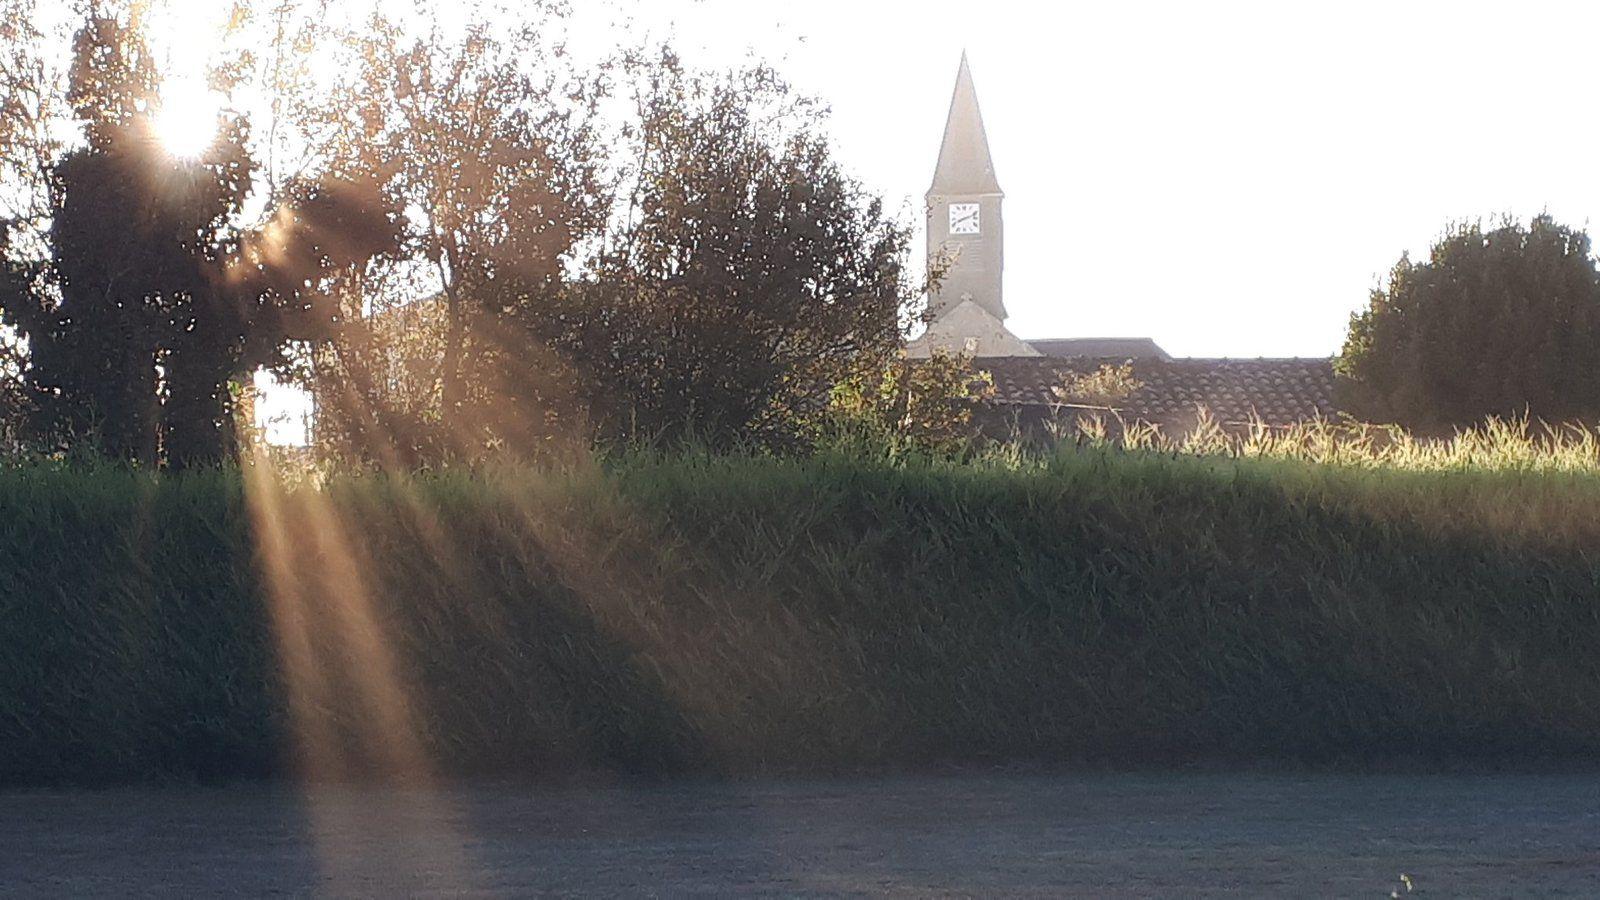 Septembre 2019, Saint-Urbain (Vendée) © eMmA MessanA